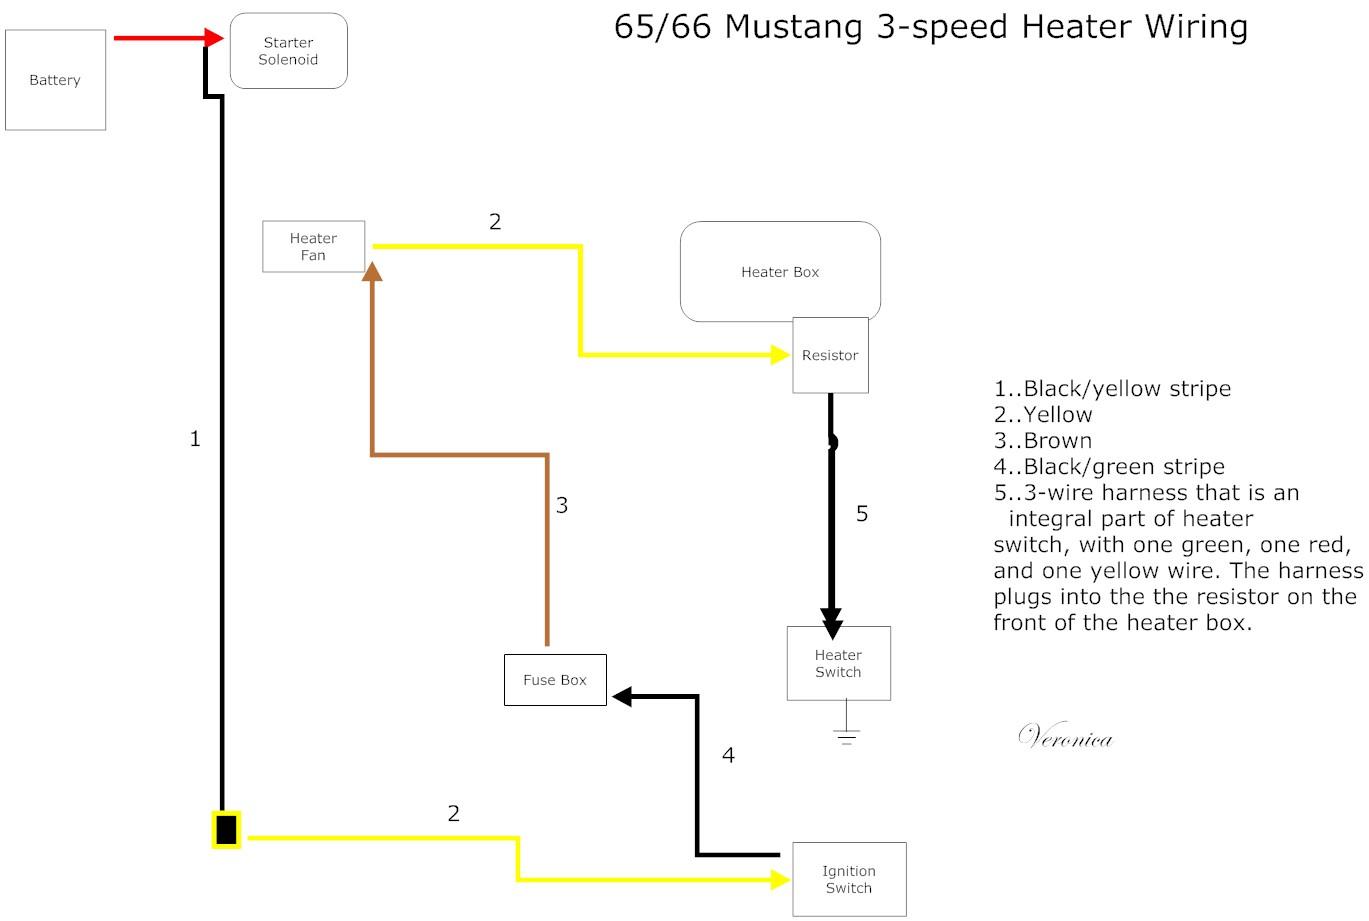 1966 mustang wiring diagrams [ 1369 x 921 Pixel ]